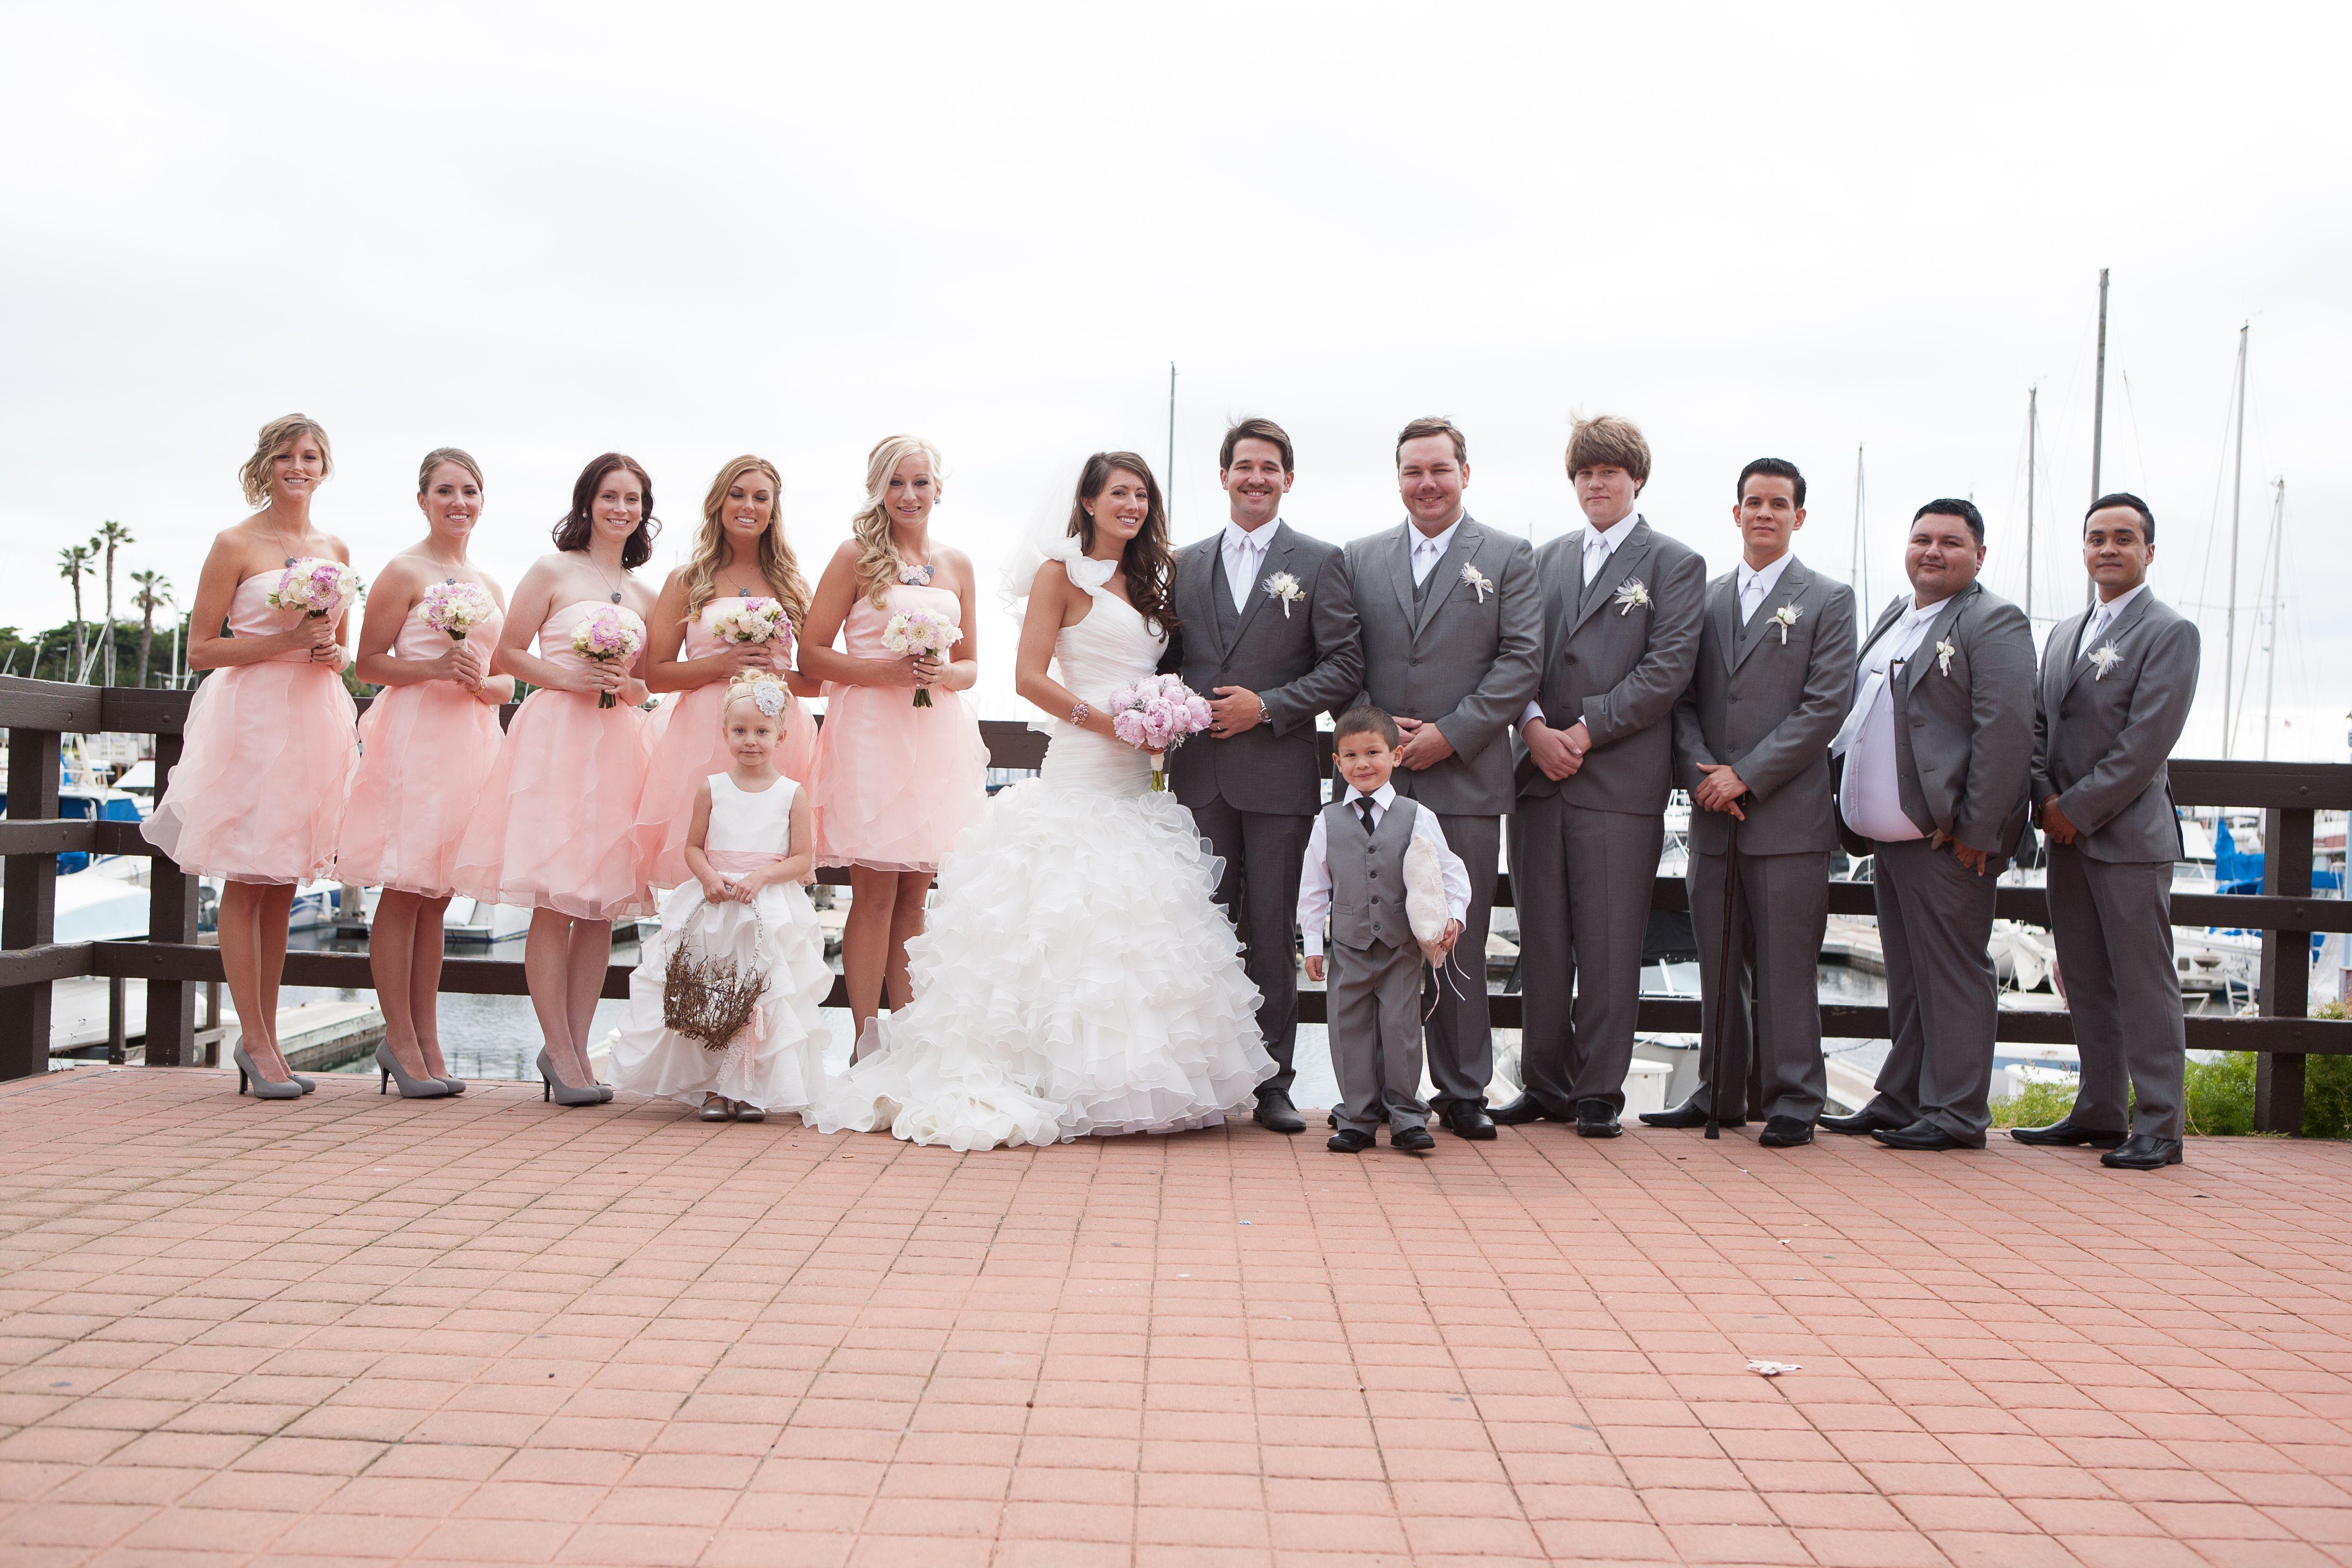 Blush, Ivory, Gray. Shabby chic wedding | 6-3-12 | Chic ...